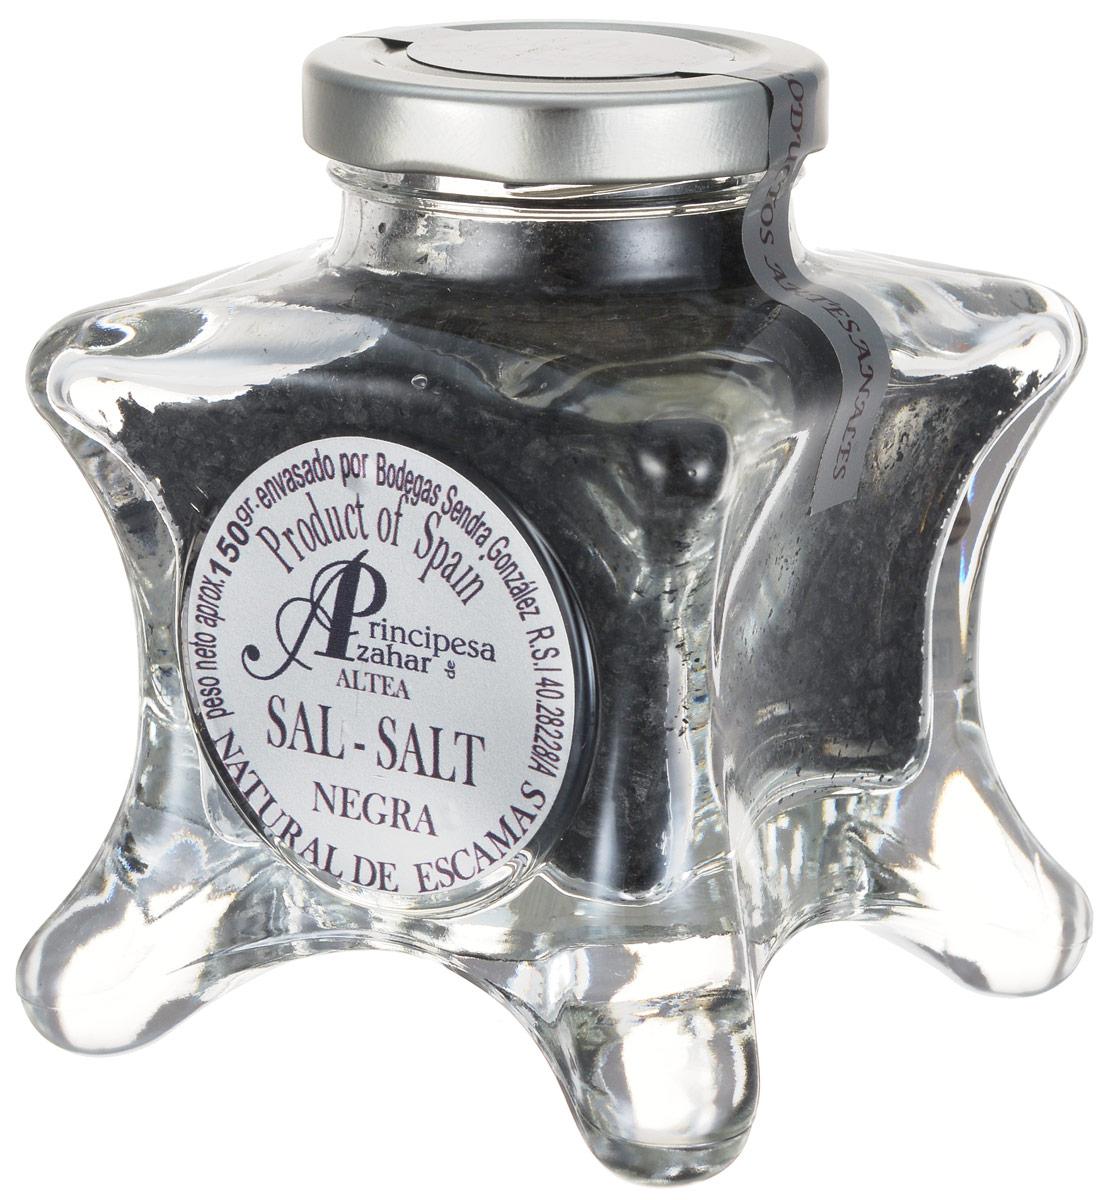 Principe de Azahar черная морская пищевая соль, 150 г8436531342890Пищевая натуральная морская соль Principe de Azahar от фермера Sendra Gonzalez - это продукт для гурманов, а также любителей кулинарии с воображением. Она окрашена чернилами морской каракатицы. Морская соль полезнее обычной поваренной, так как содержит высокую концентрацию магния и других полезных веществ.